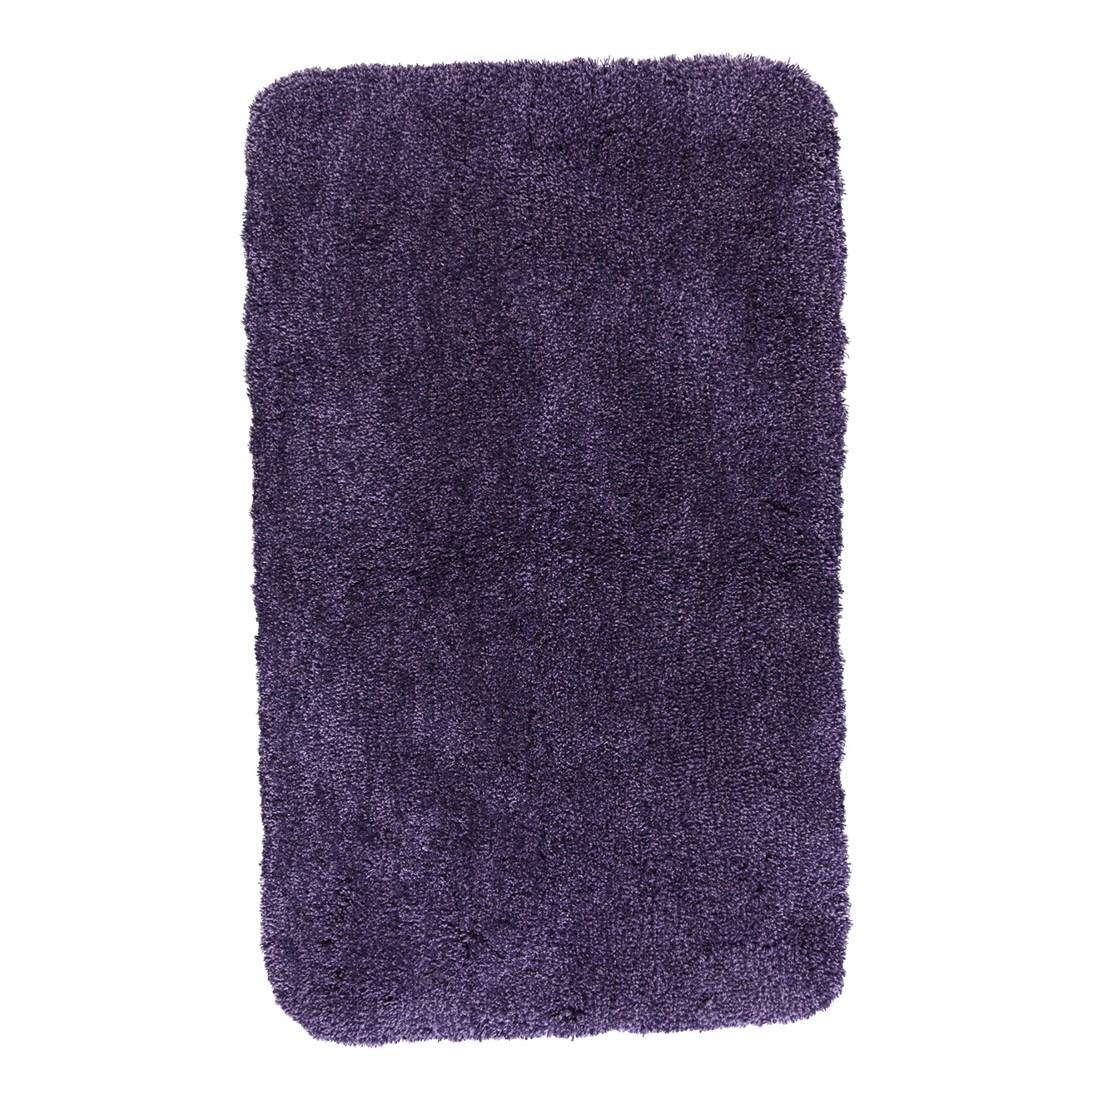 Badteppich Relax – 100% Polyacryl Aubergine – 872 – 55×65 cm, Kleine Wolke günstig bestellen